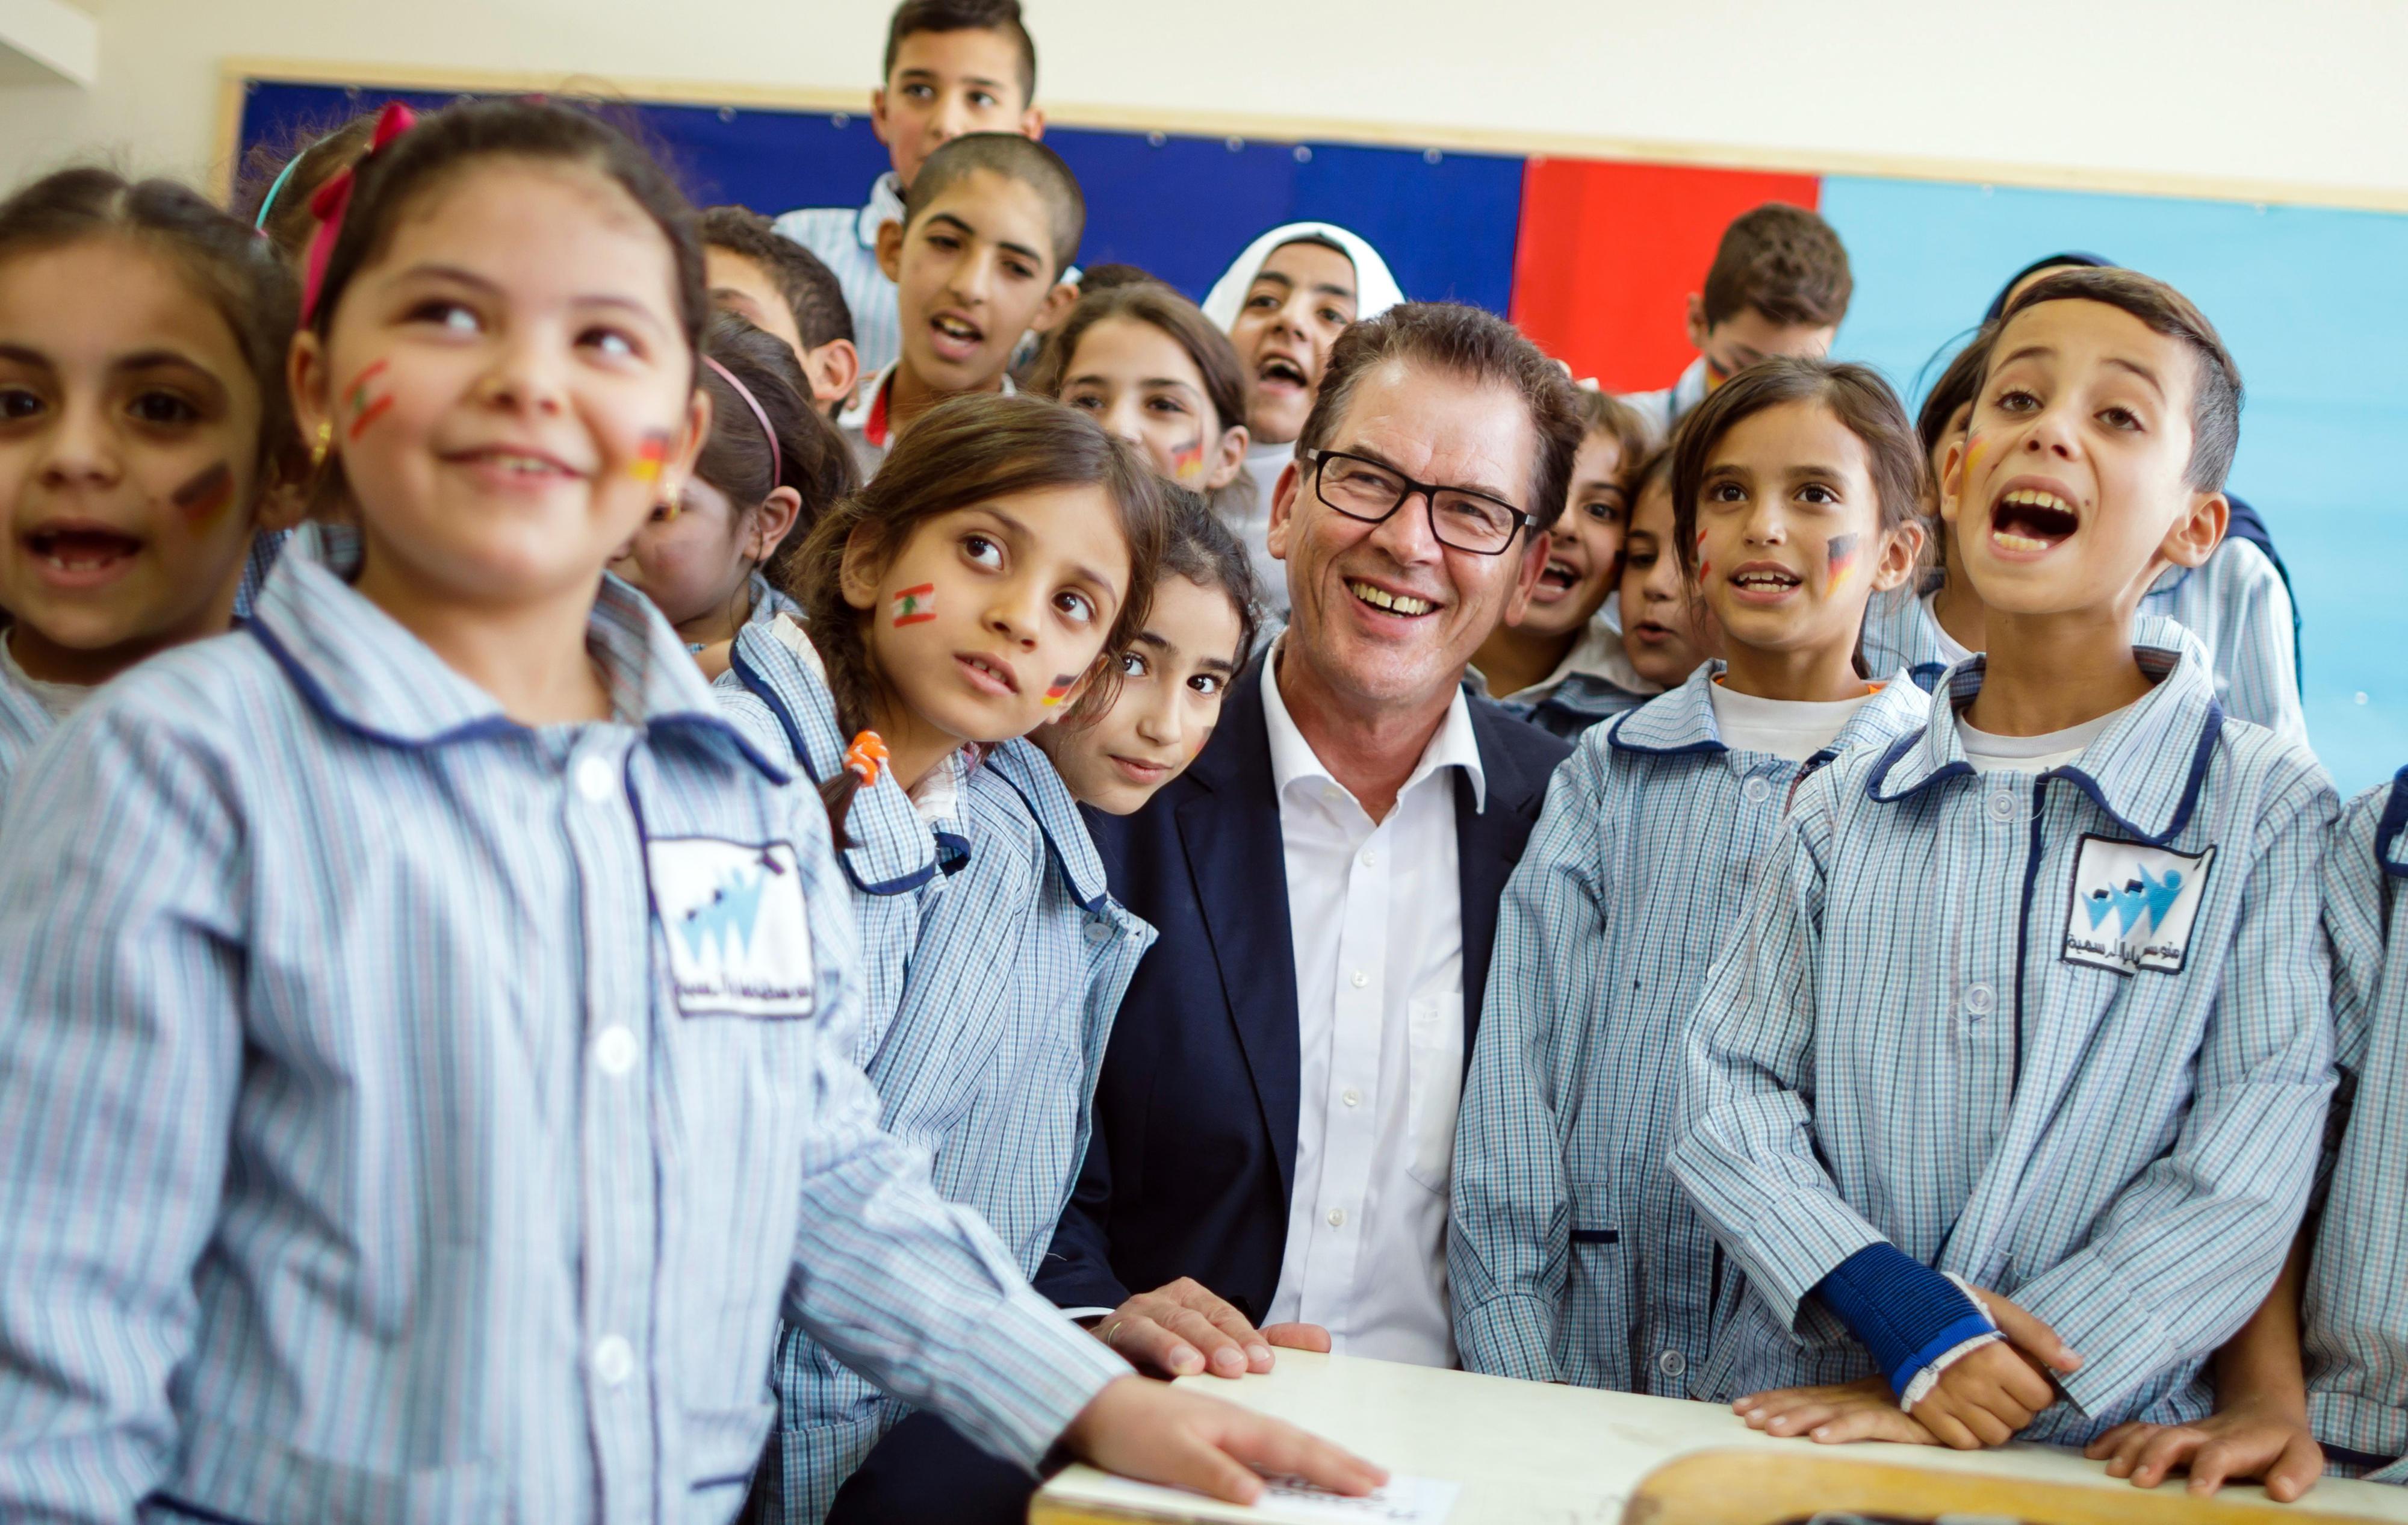 Bundesentwicklungsminister Gerd Müller in einer Schule im Libanon, die mit deutschen Mitteln instandgesetzt wurde. (Foto von Oktober 2016)